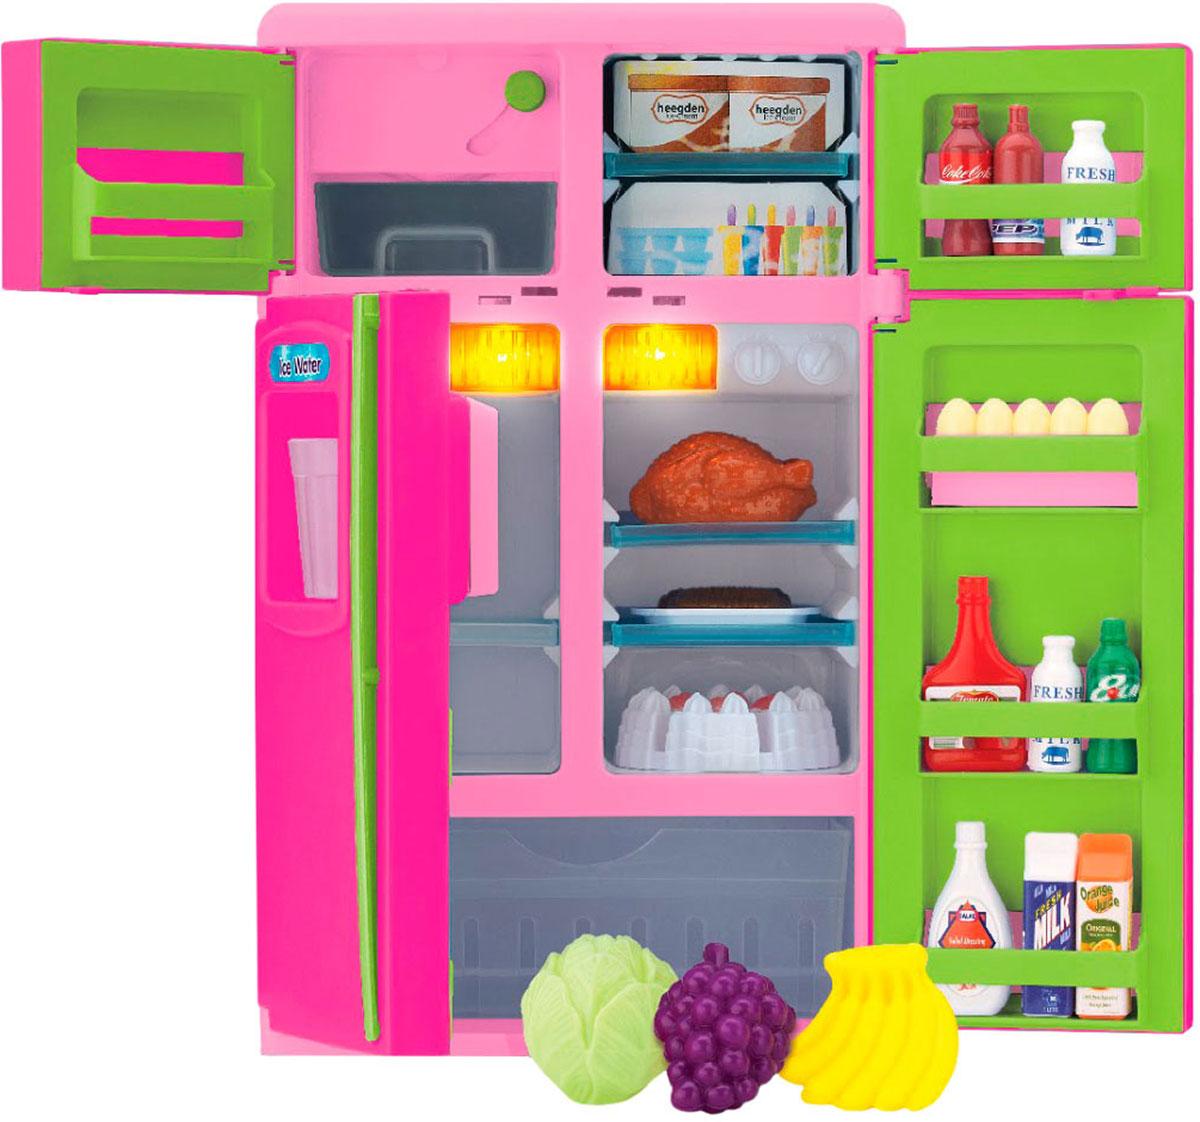 Keenway Игрушечный холодильник игрушечный холодильник